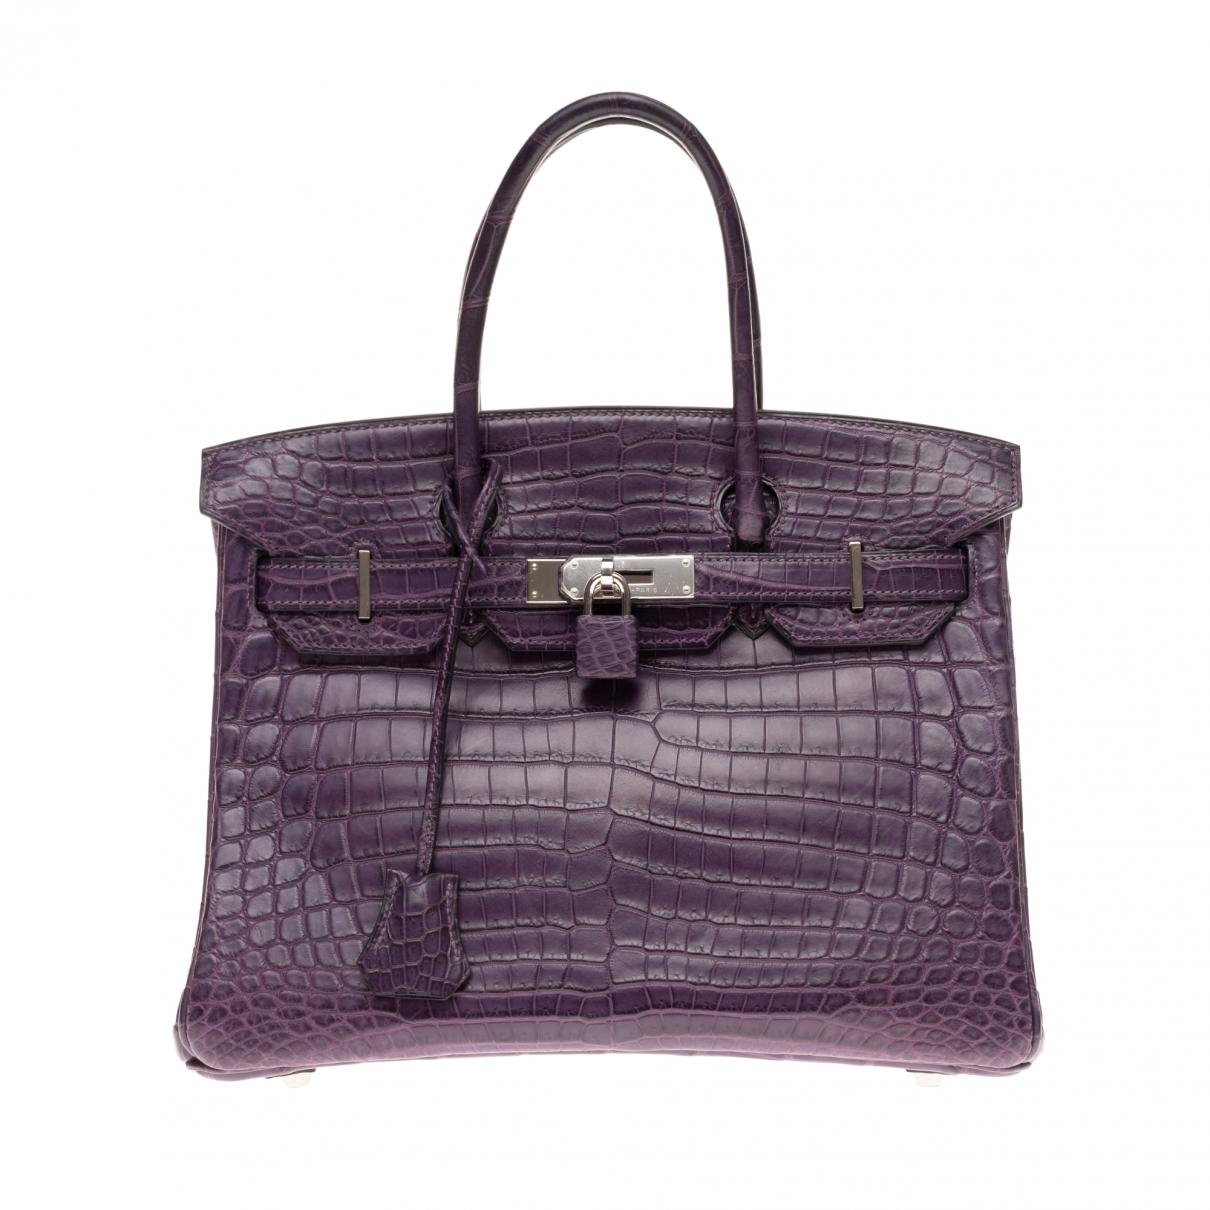 Hermes - Sac a main Birkin 30 pour femme en crocodile - violet